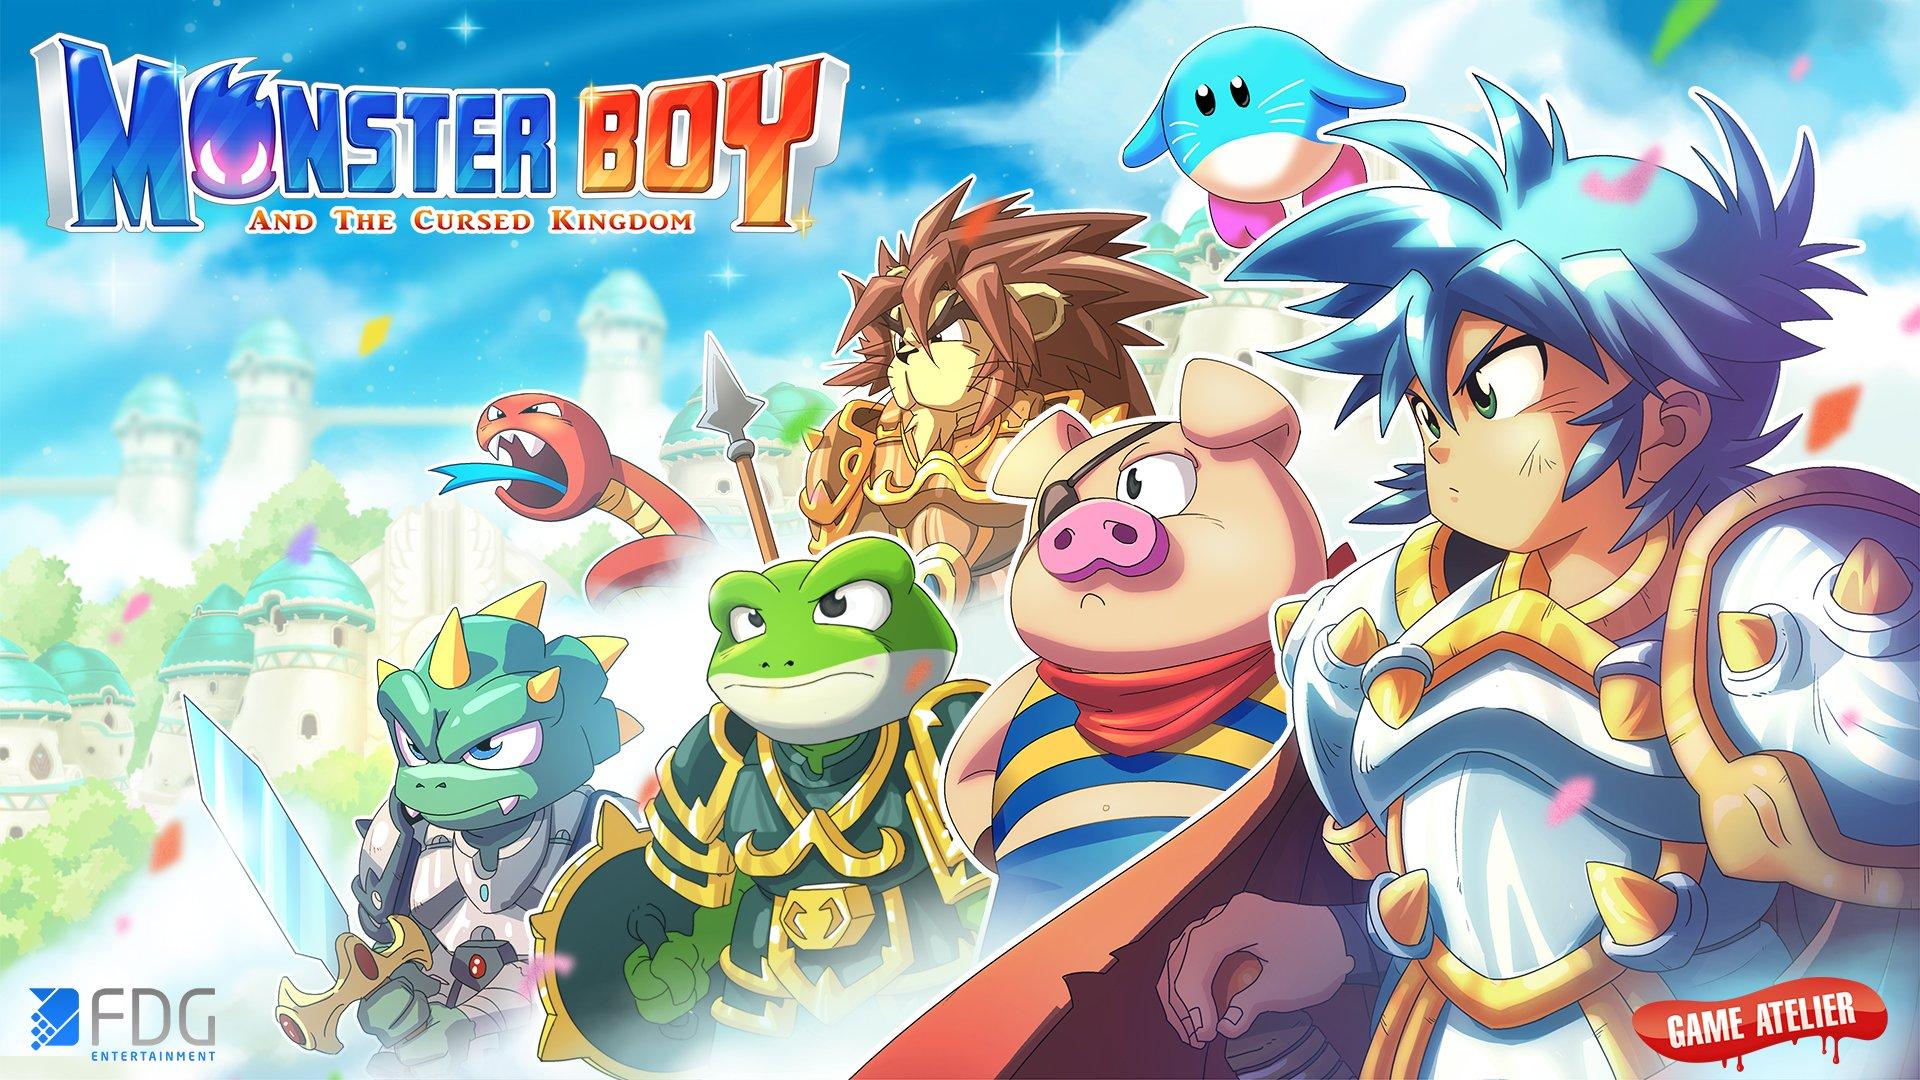 [Switch] Demo de Monster Boy and The Cursed Kingdom será adicionada a eShop nesta semana